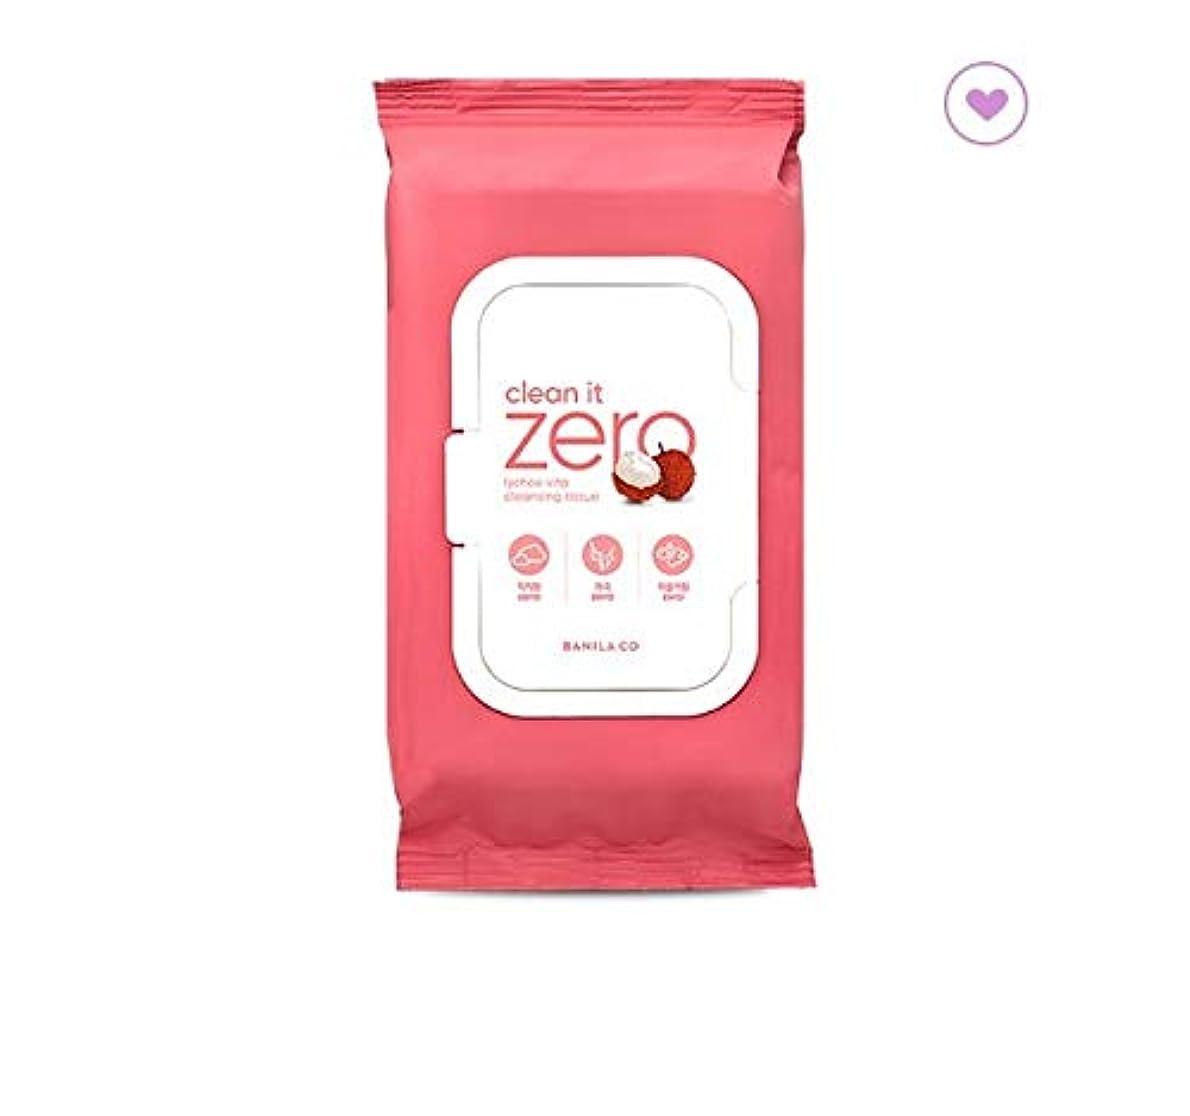 予測最大限通信するbanilaco クリーンイットゼロライチヴィータクレンジングティッシュ80枚 / Clean It Zero Lychee Vita Cleansing Tissue 80 sheets (430g) [並行輸入品]